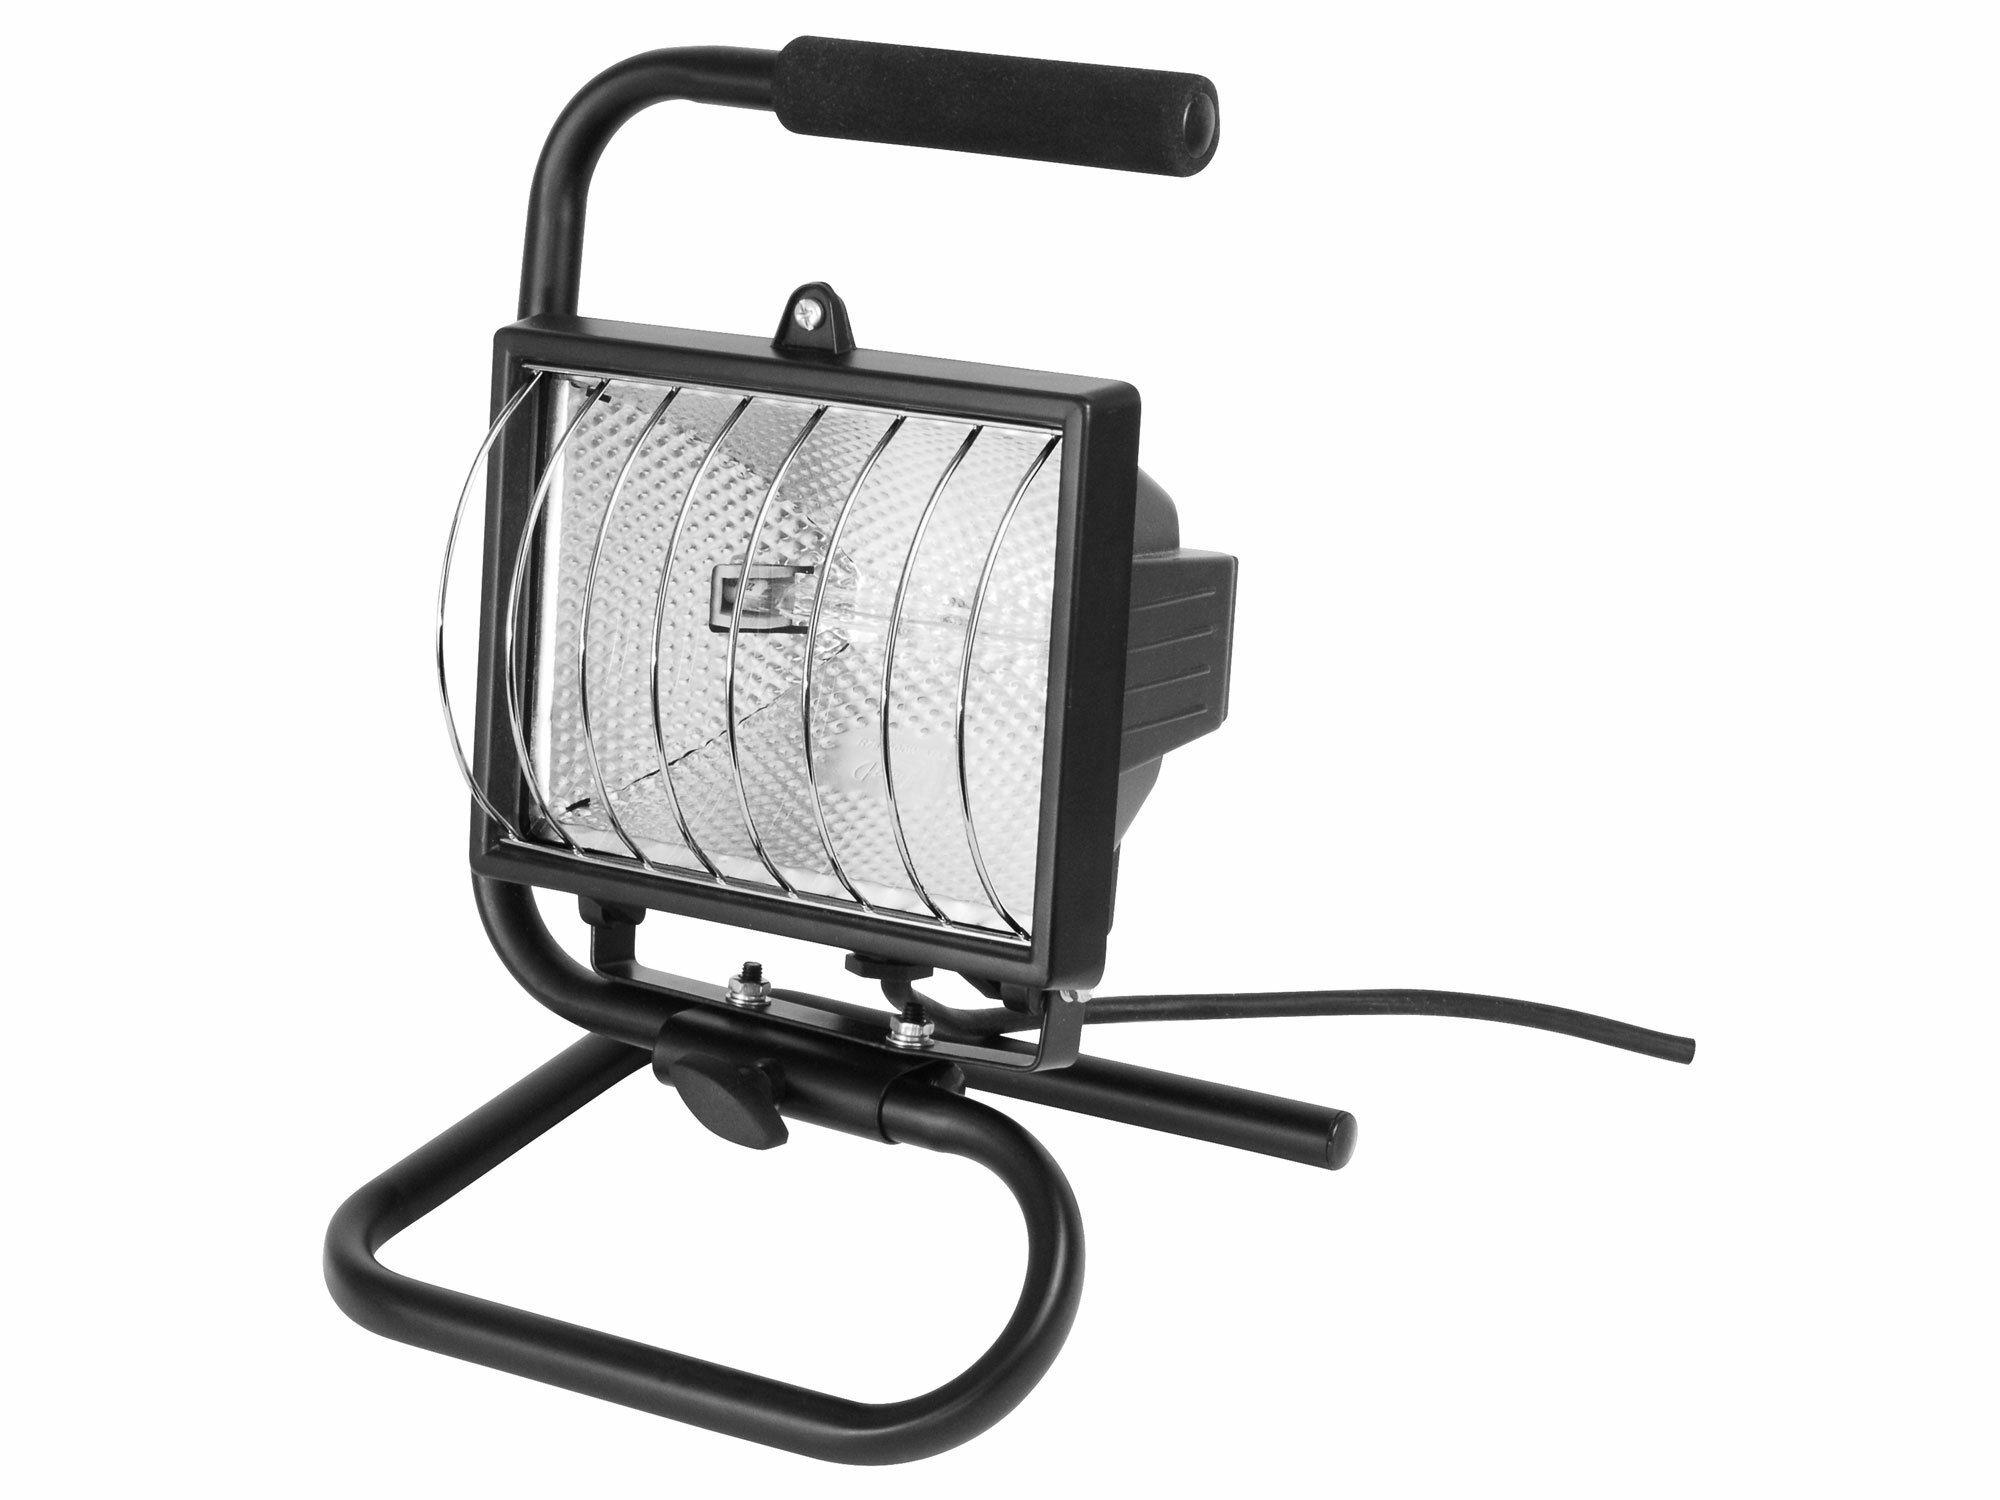 Světlo halogenové přenosné s podstavcem, 500W, kabel 1,7m, EXTOL CRAFT 82789